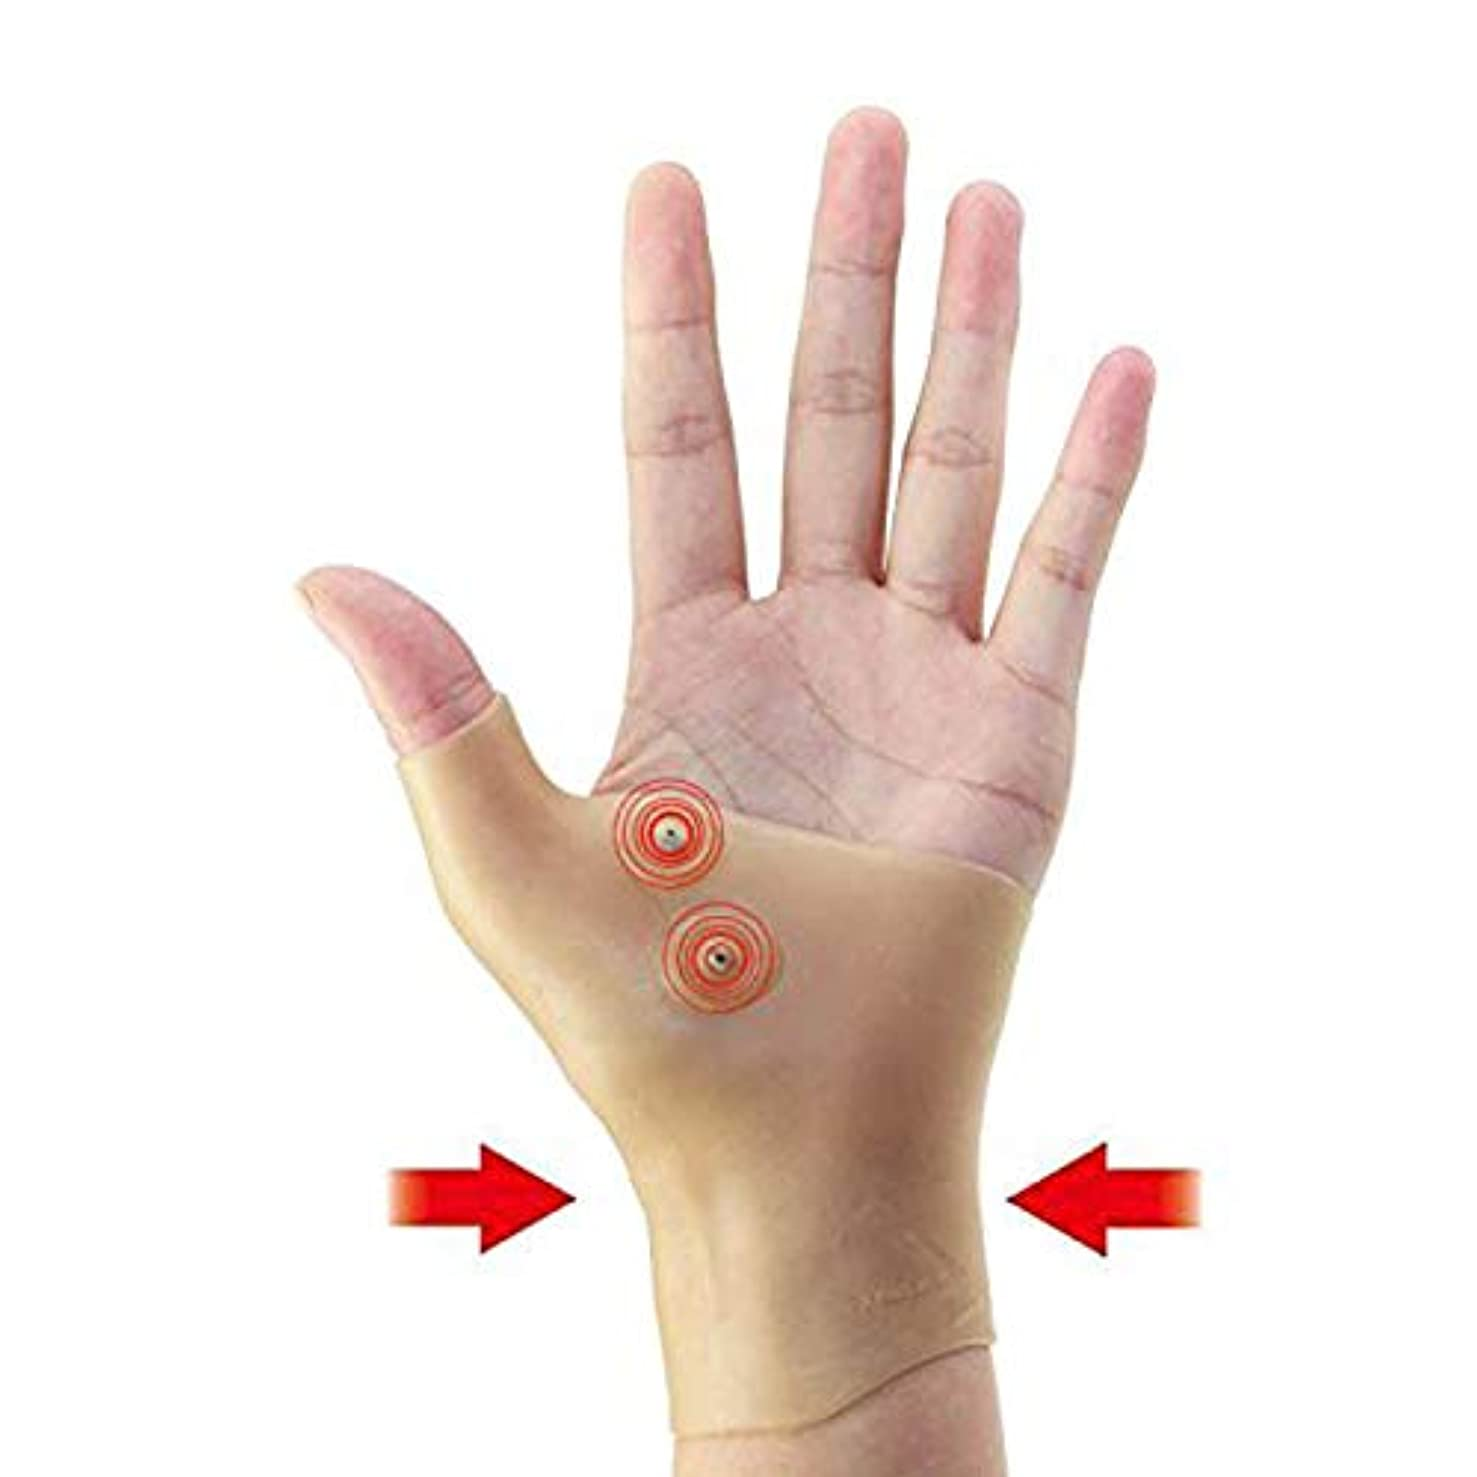 邪魔よろしくはねかける磁気 圧縮手袋 - Delaman 指なし 手袋、健康手袋、圧着効果、疲労減少、健康関節、磁気療法、手首サポーター、ユニセックス